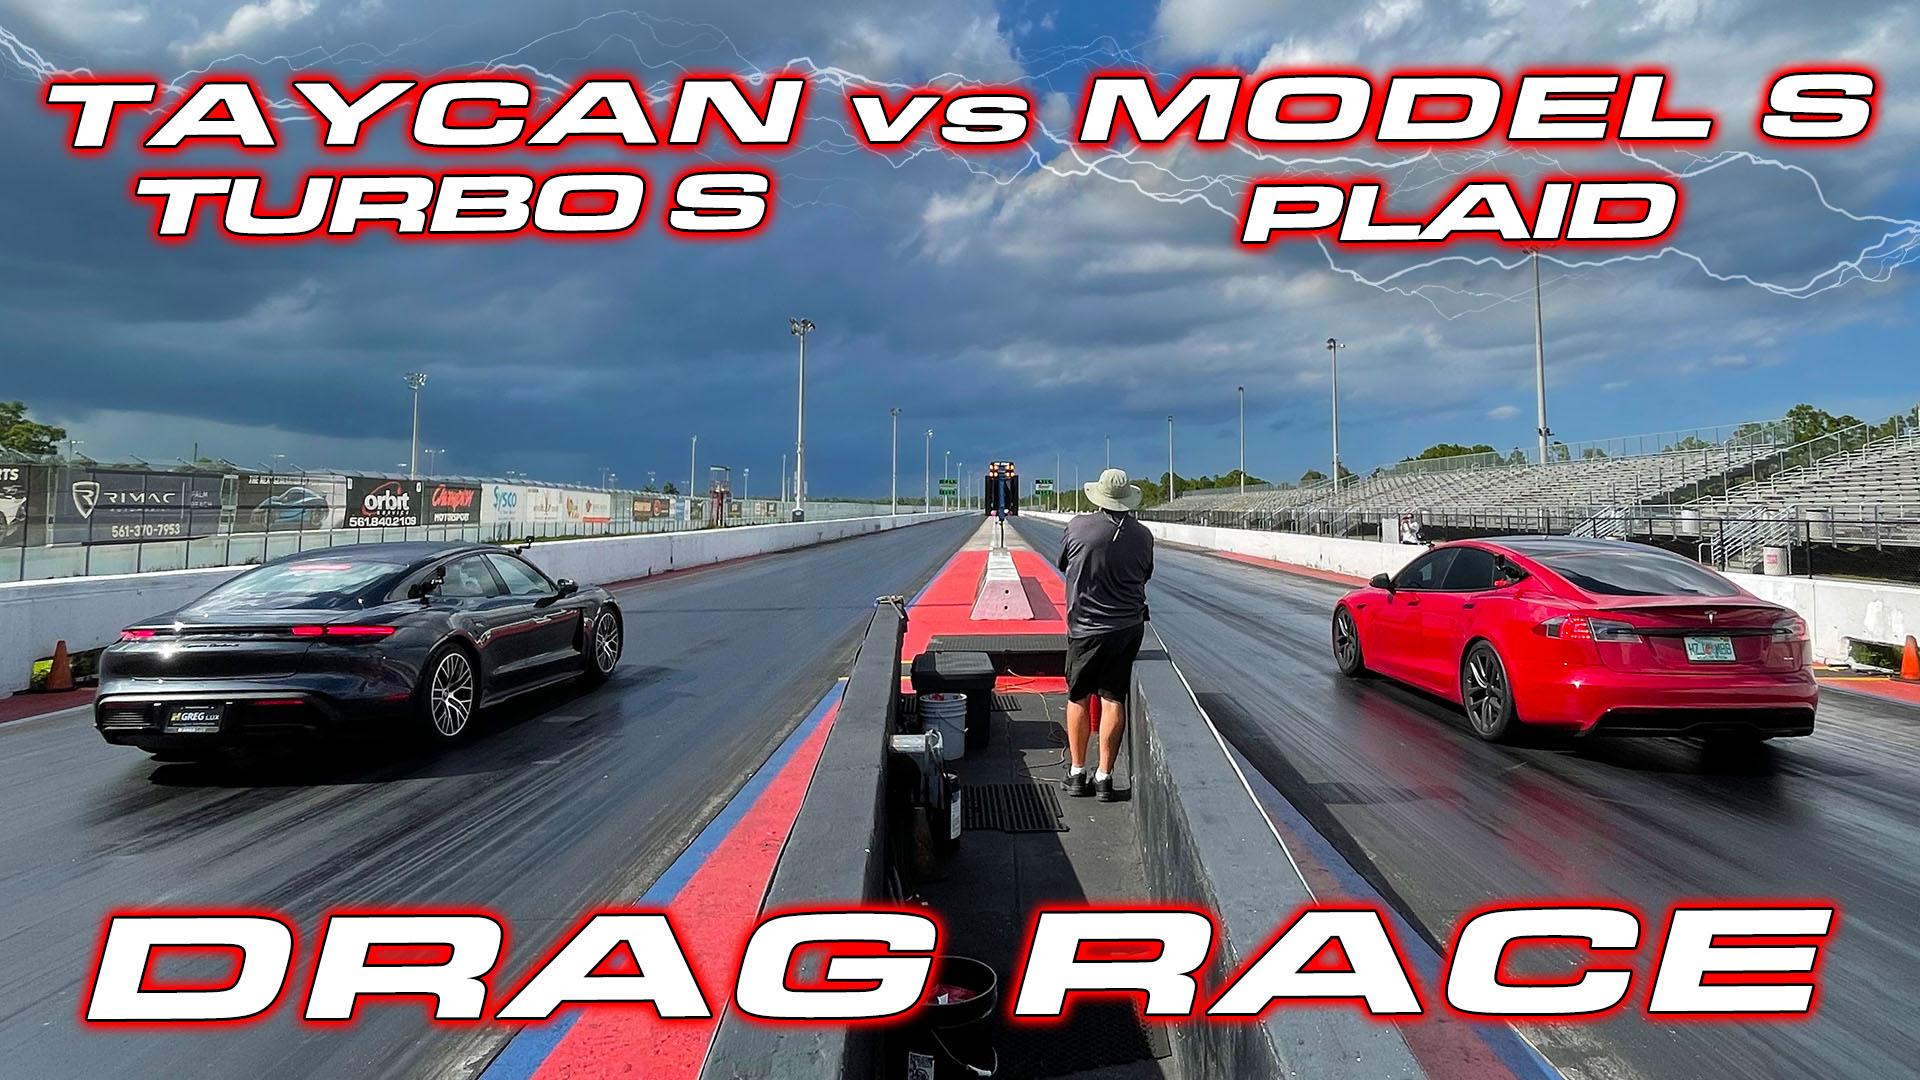 Plaid vs Taycan